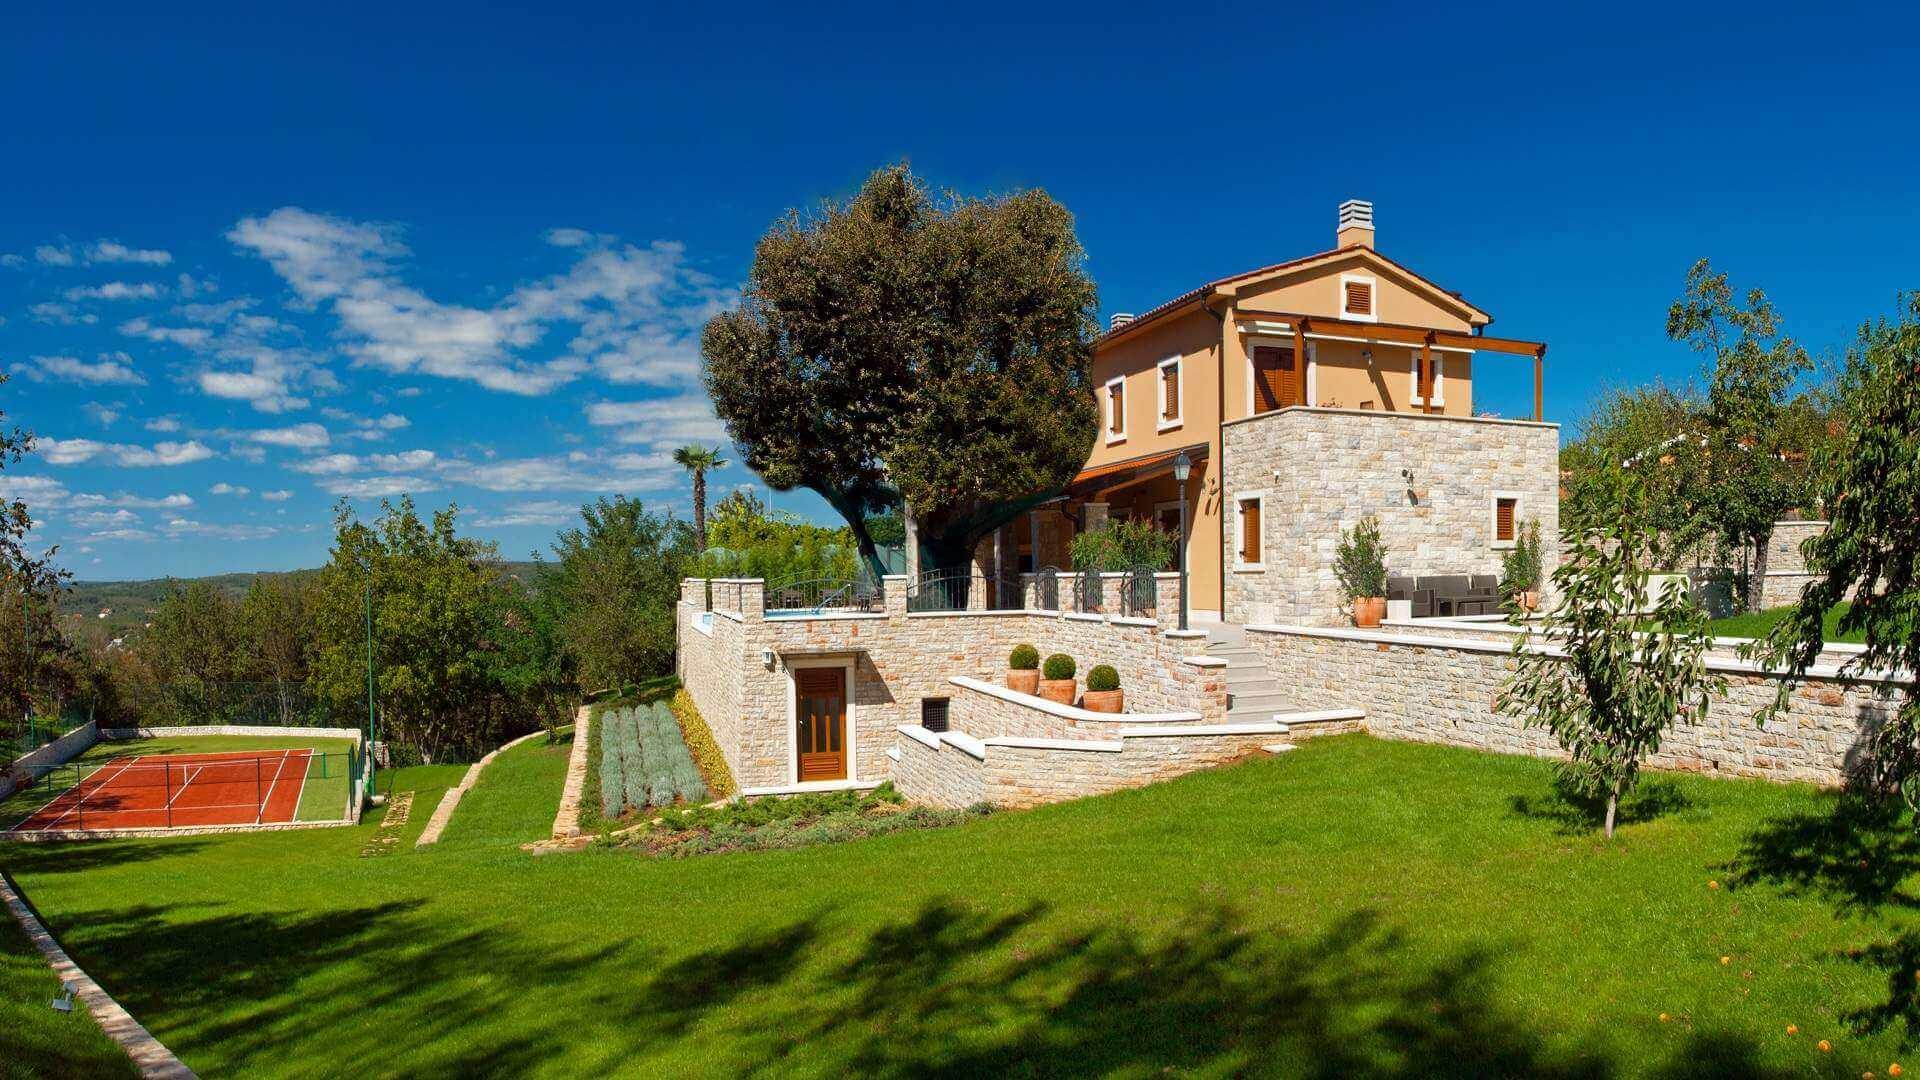 Holiday Villas in Istria Croatia with pools Rovinj Porec Umag